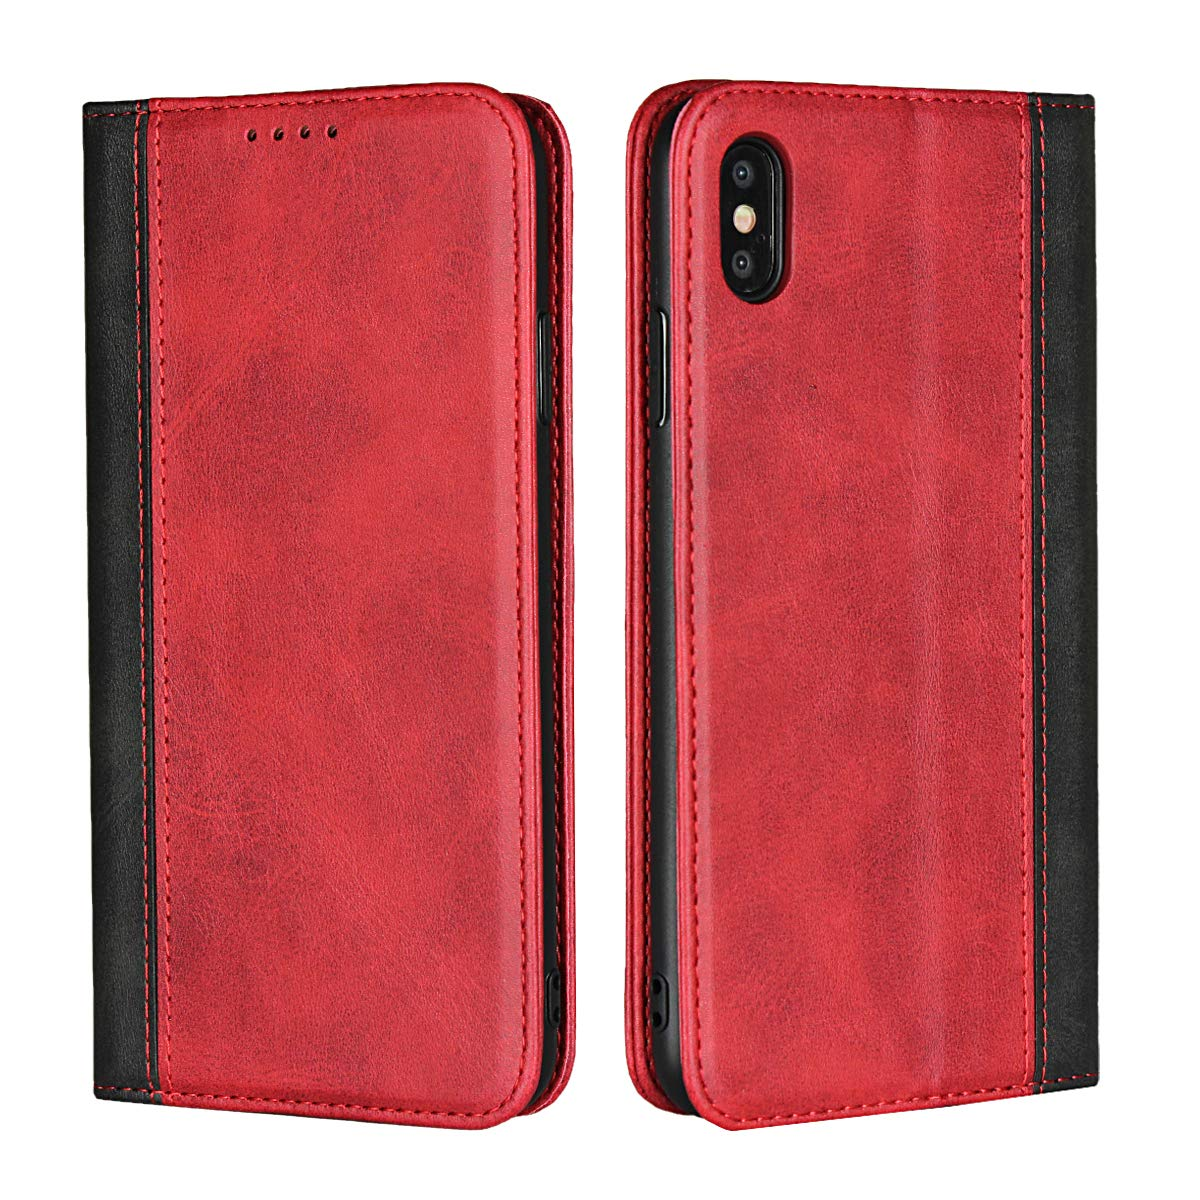 iPhone Xs Max用Jaorty、カードスロット付きプレミアムPUレザーフリップフォリオケース、スタンドホルダーとマグネットクロージャー[TPU耐衝撃性インテリア保護ケース] iPhone Xs Max用、レッド+ブラック   B07JN673CW